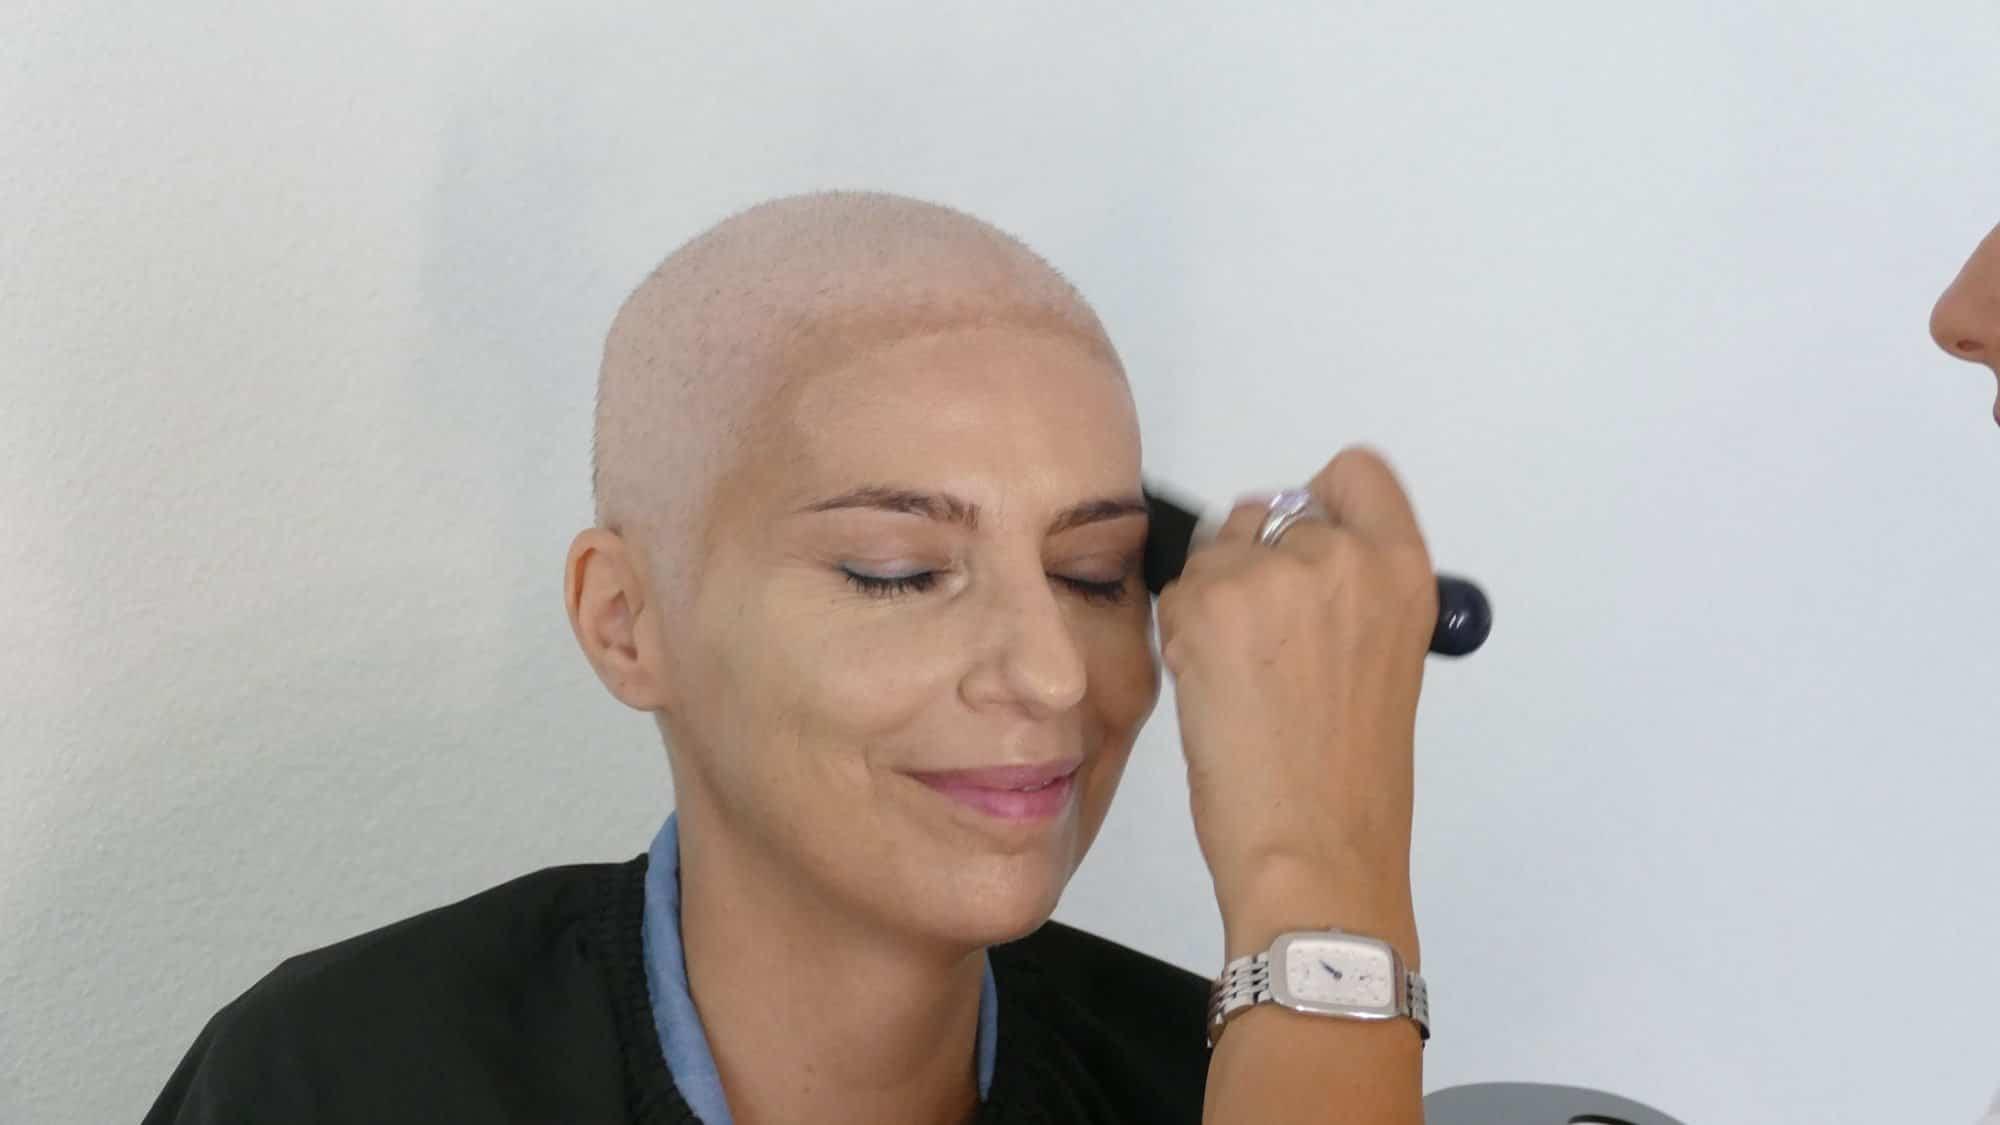 Schminken bei Chemotherapie: Foundation auftragen